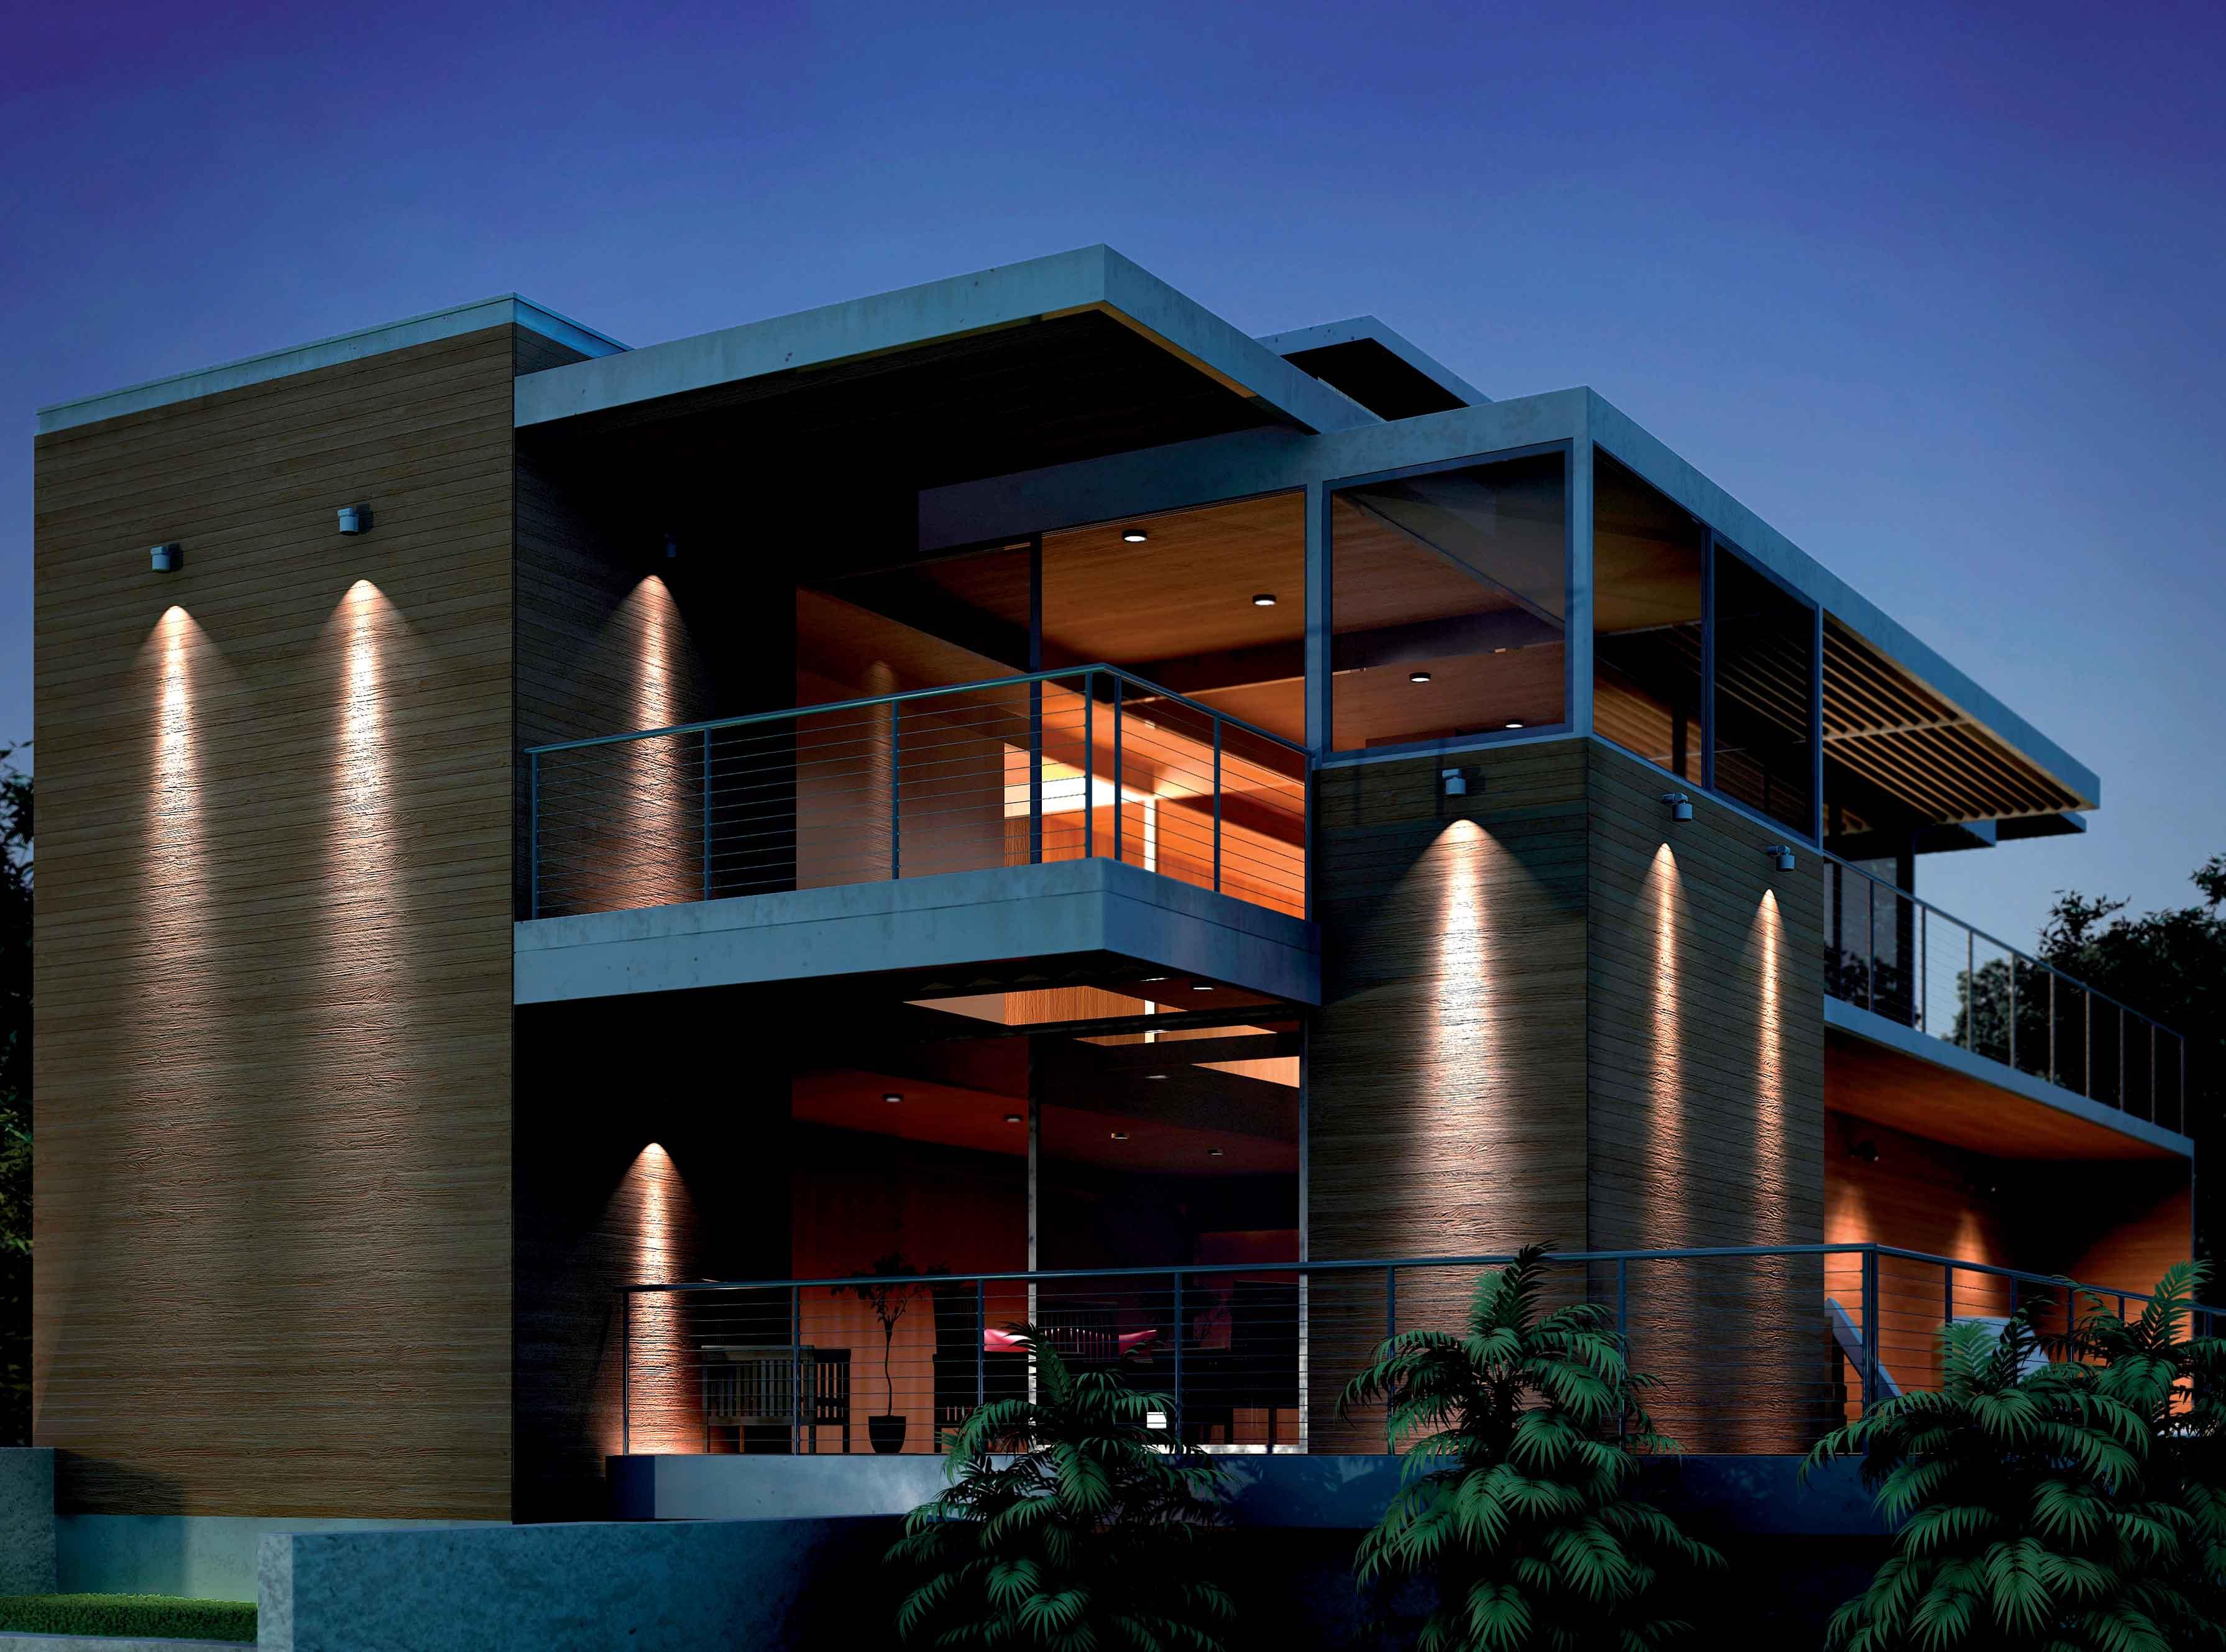 Domino led di bpt group la luce si proietta nel futuro for Illuminazione esterna casa